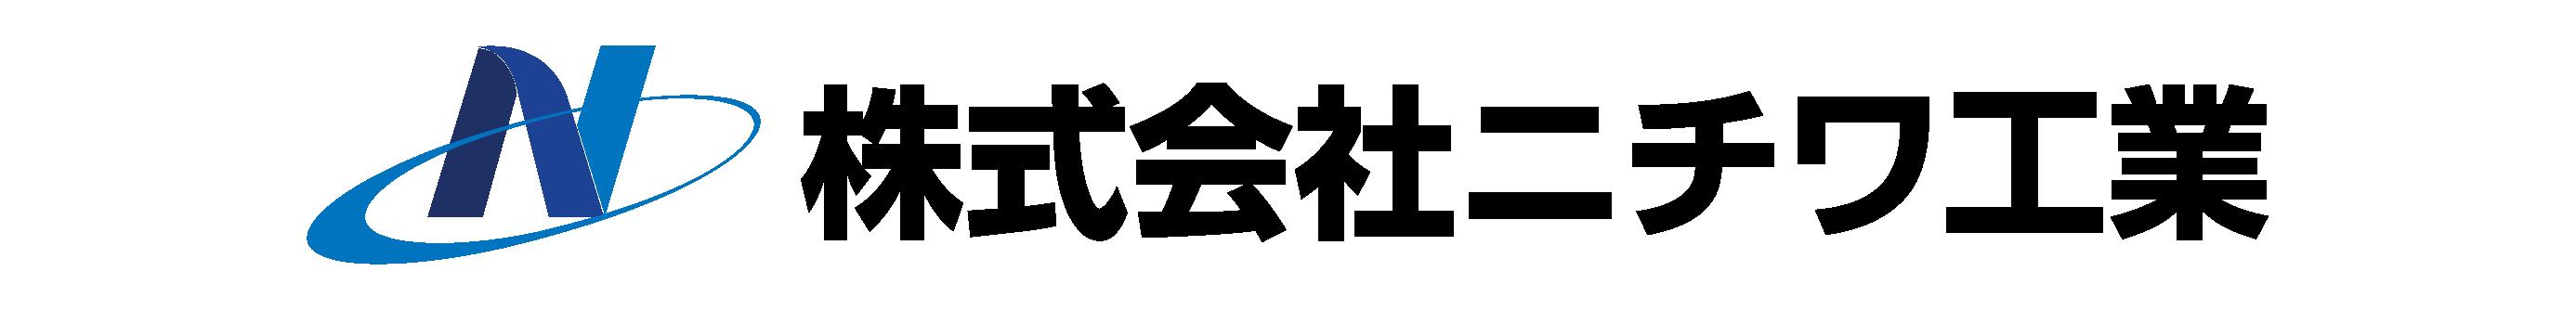 株式会社ニチワ工業